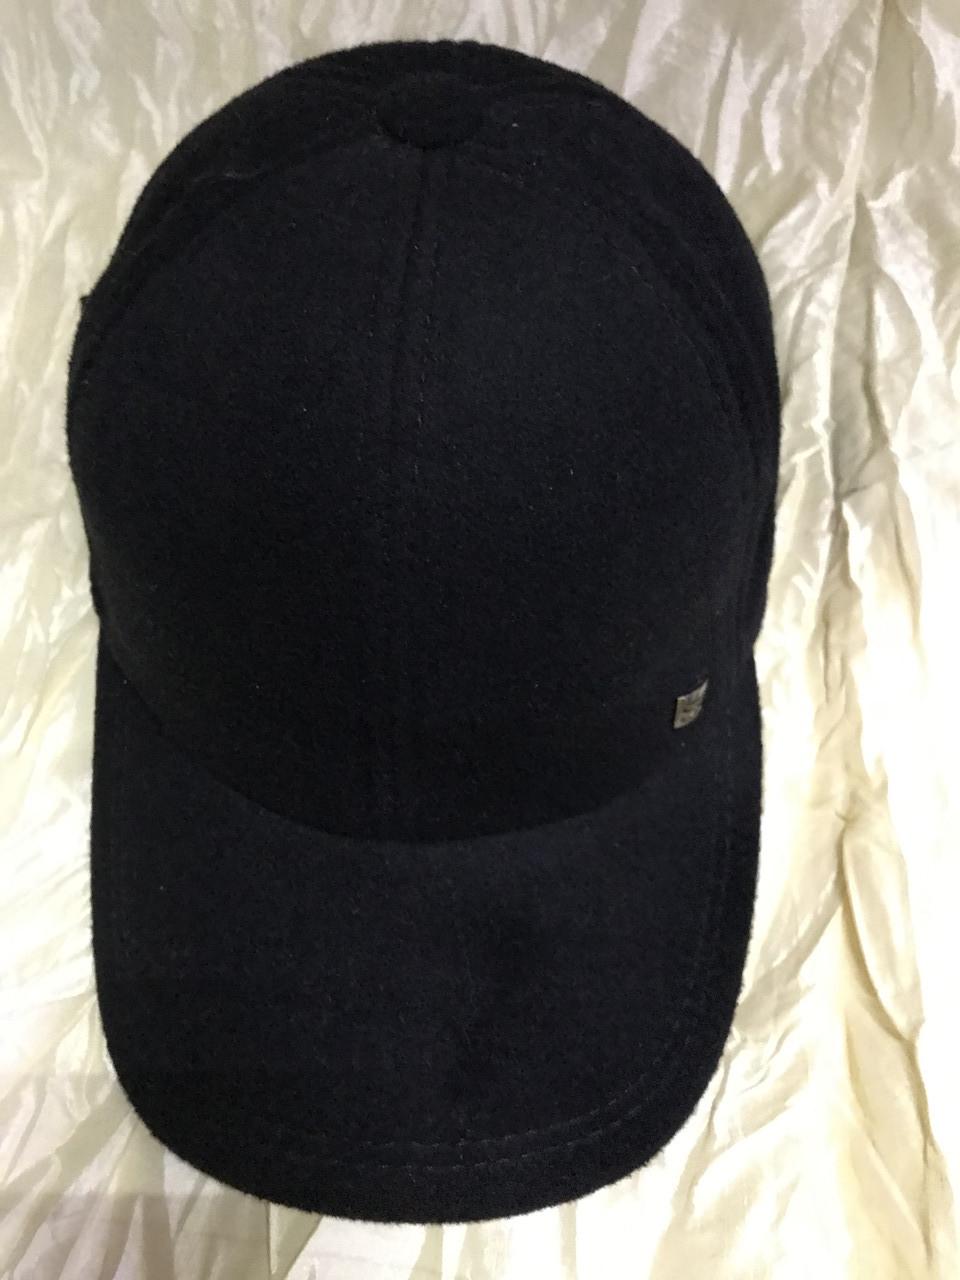 Бейсболка мужская чёрная из шерстяной ткани 56-58-60-62 64  разм